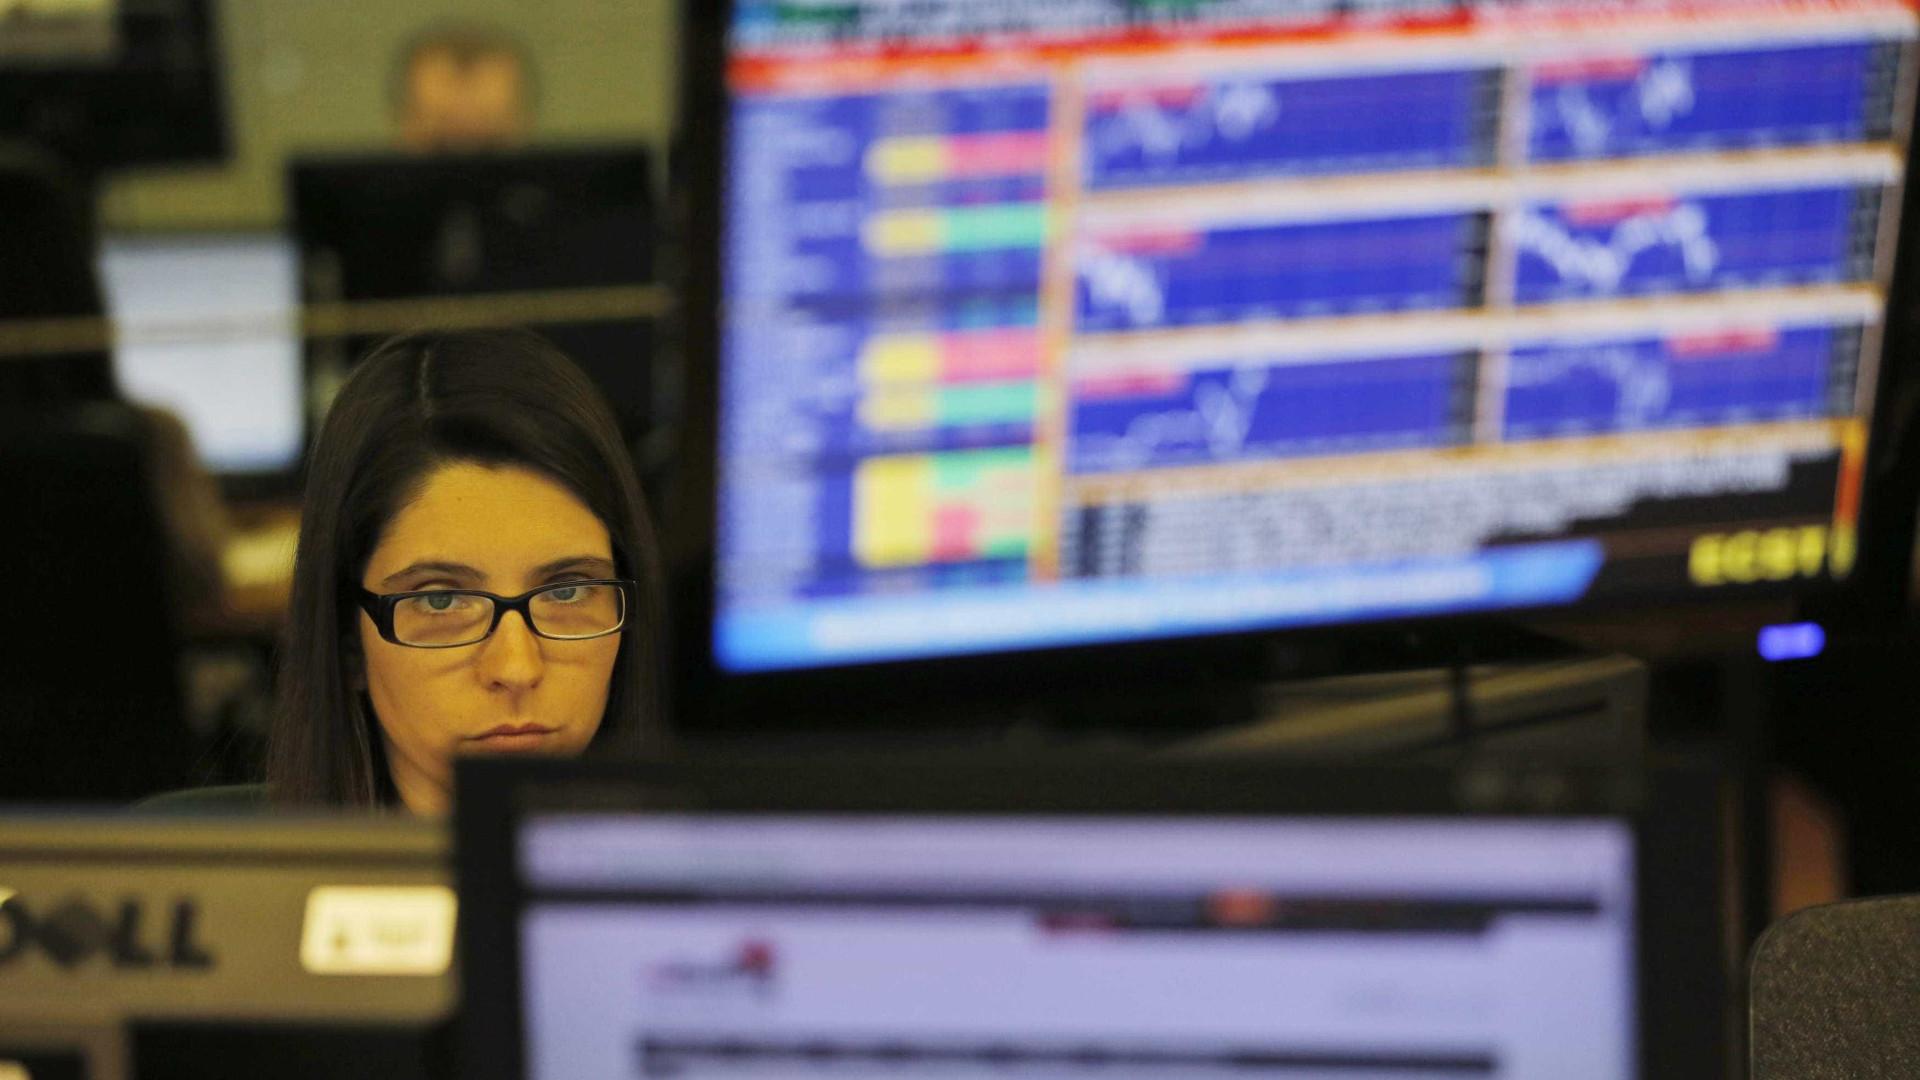 Bolsas europeias seguem negativas à espera de resultados do 2.º trimestre